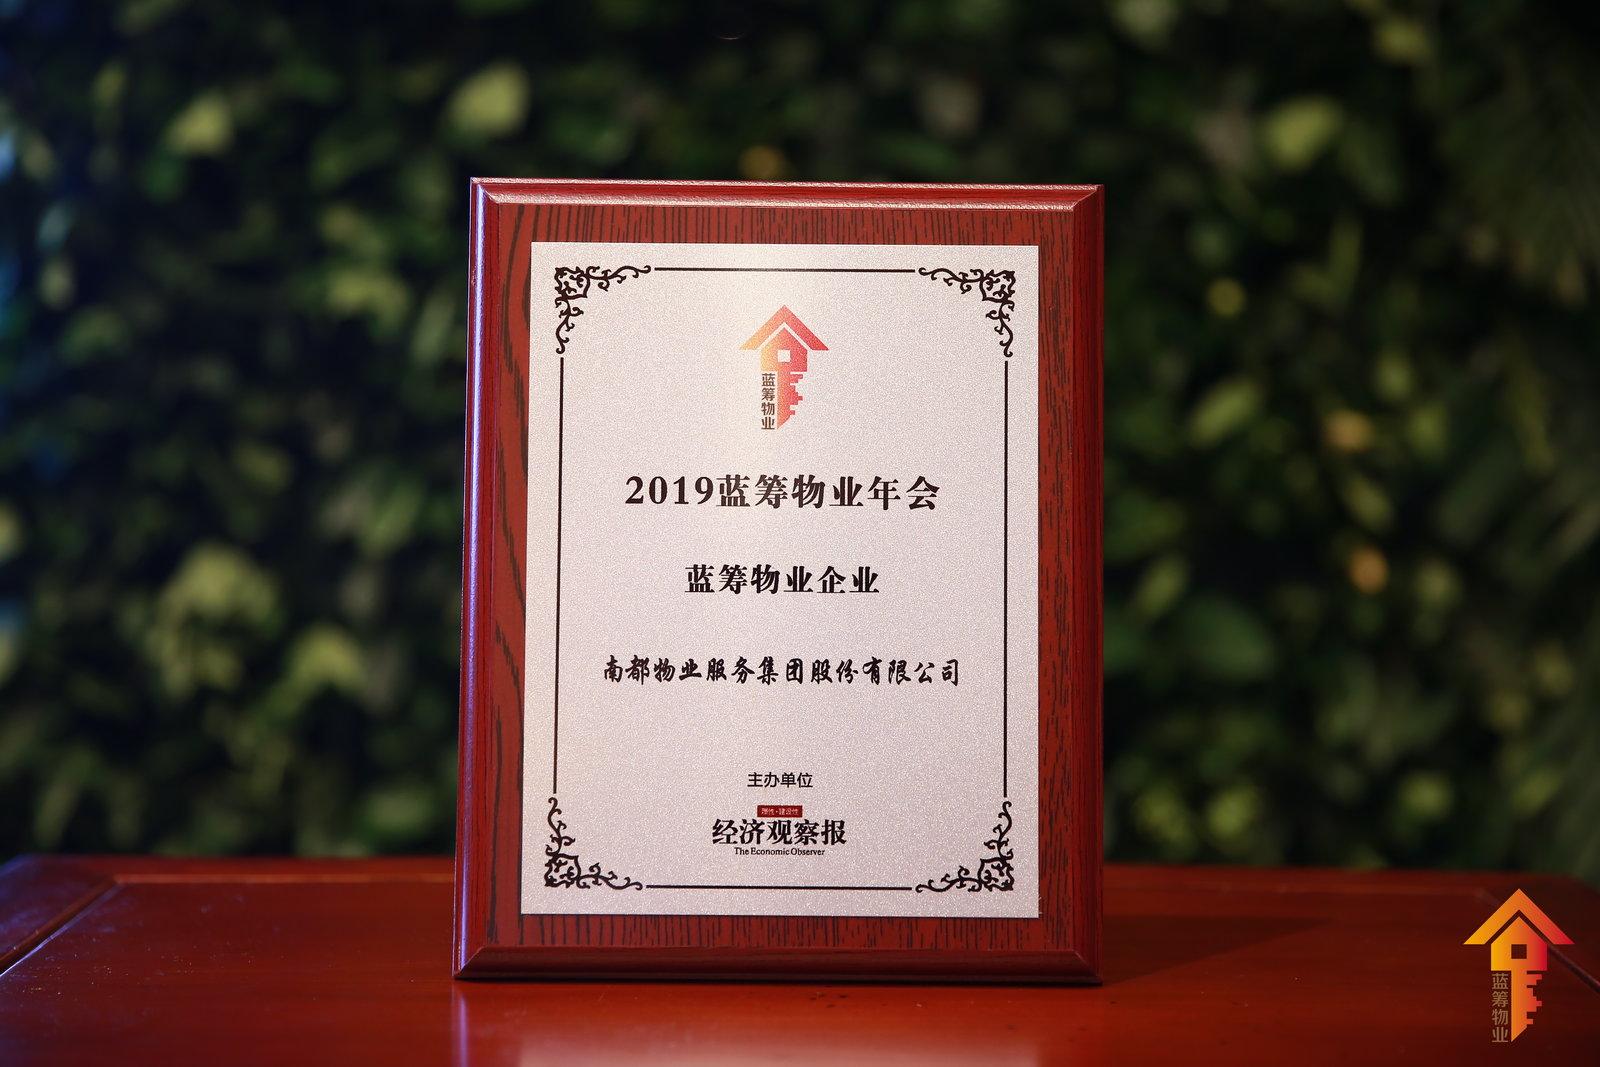 """再膺新誉!南都物业荣获""""2019蓝筹物业企业"""""""